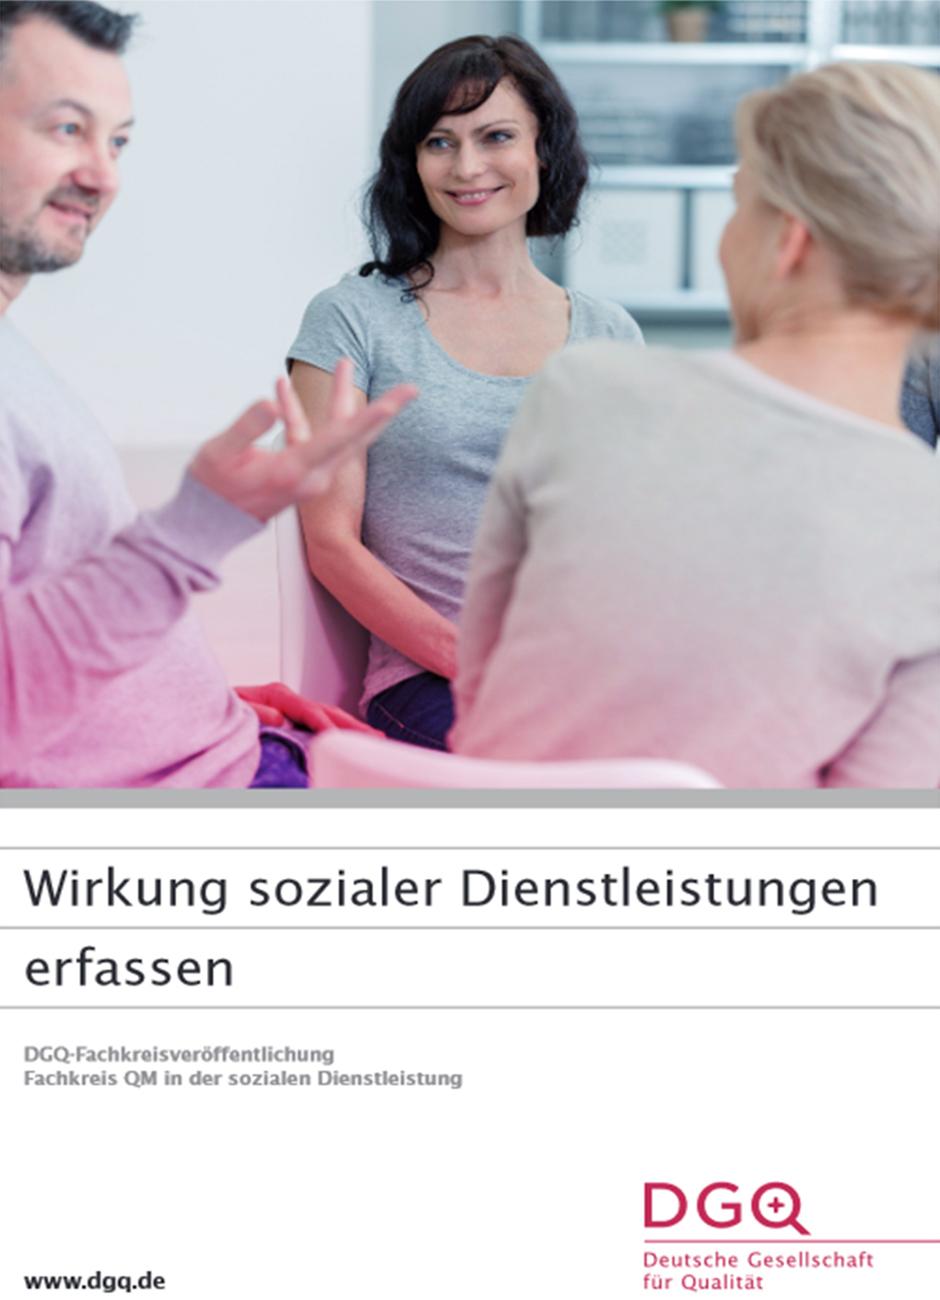 DGQ-Whitepaper: Wirkung sozialer Dienstleistungen erfassen